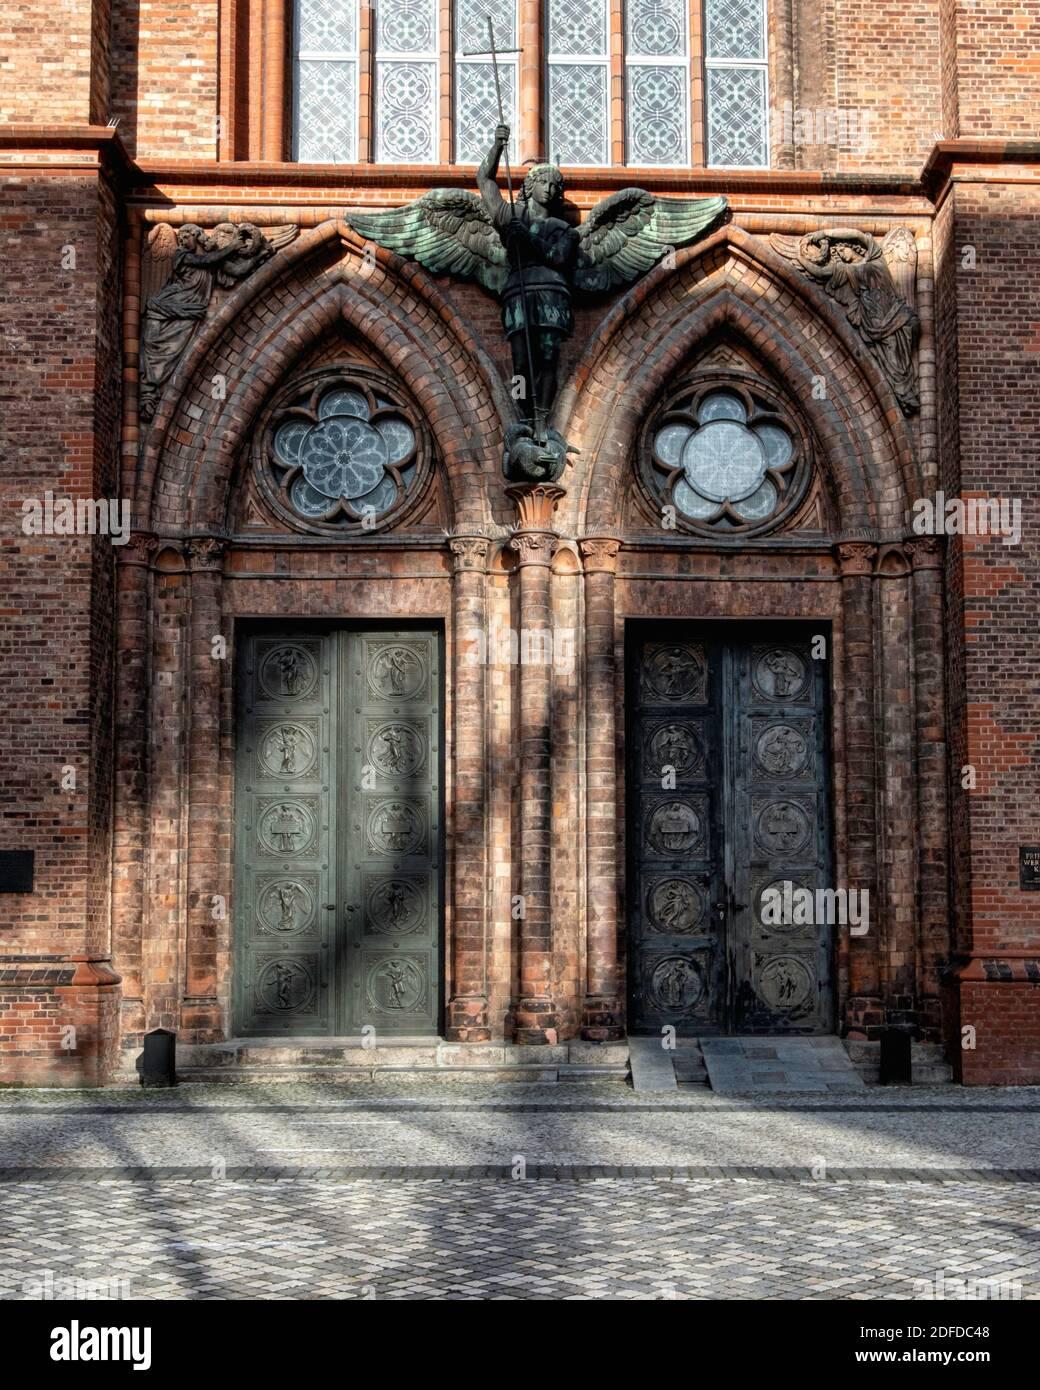 The Friedrichswerder Kirche entrance. Neo-Gothic red Brick church by architect Karl Friedrich Schinkel built 1824-1831.Werderscher Markt, Mitte,Berlin Stock Photo